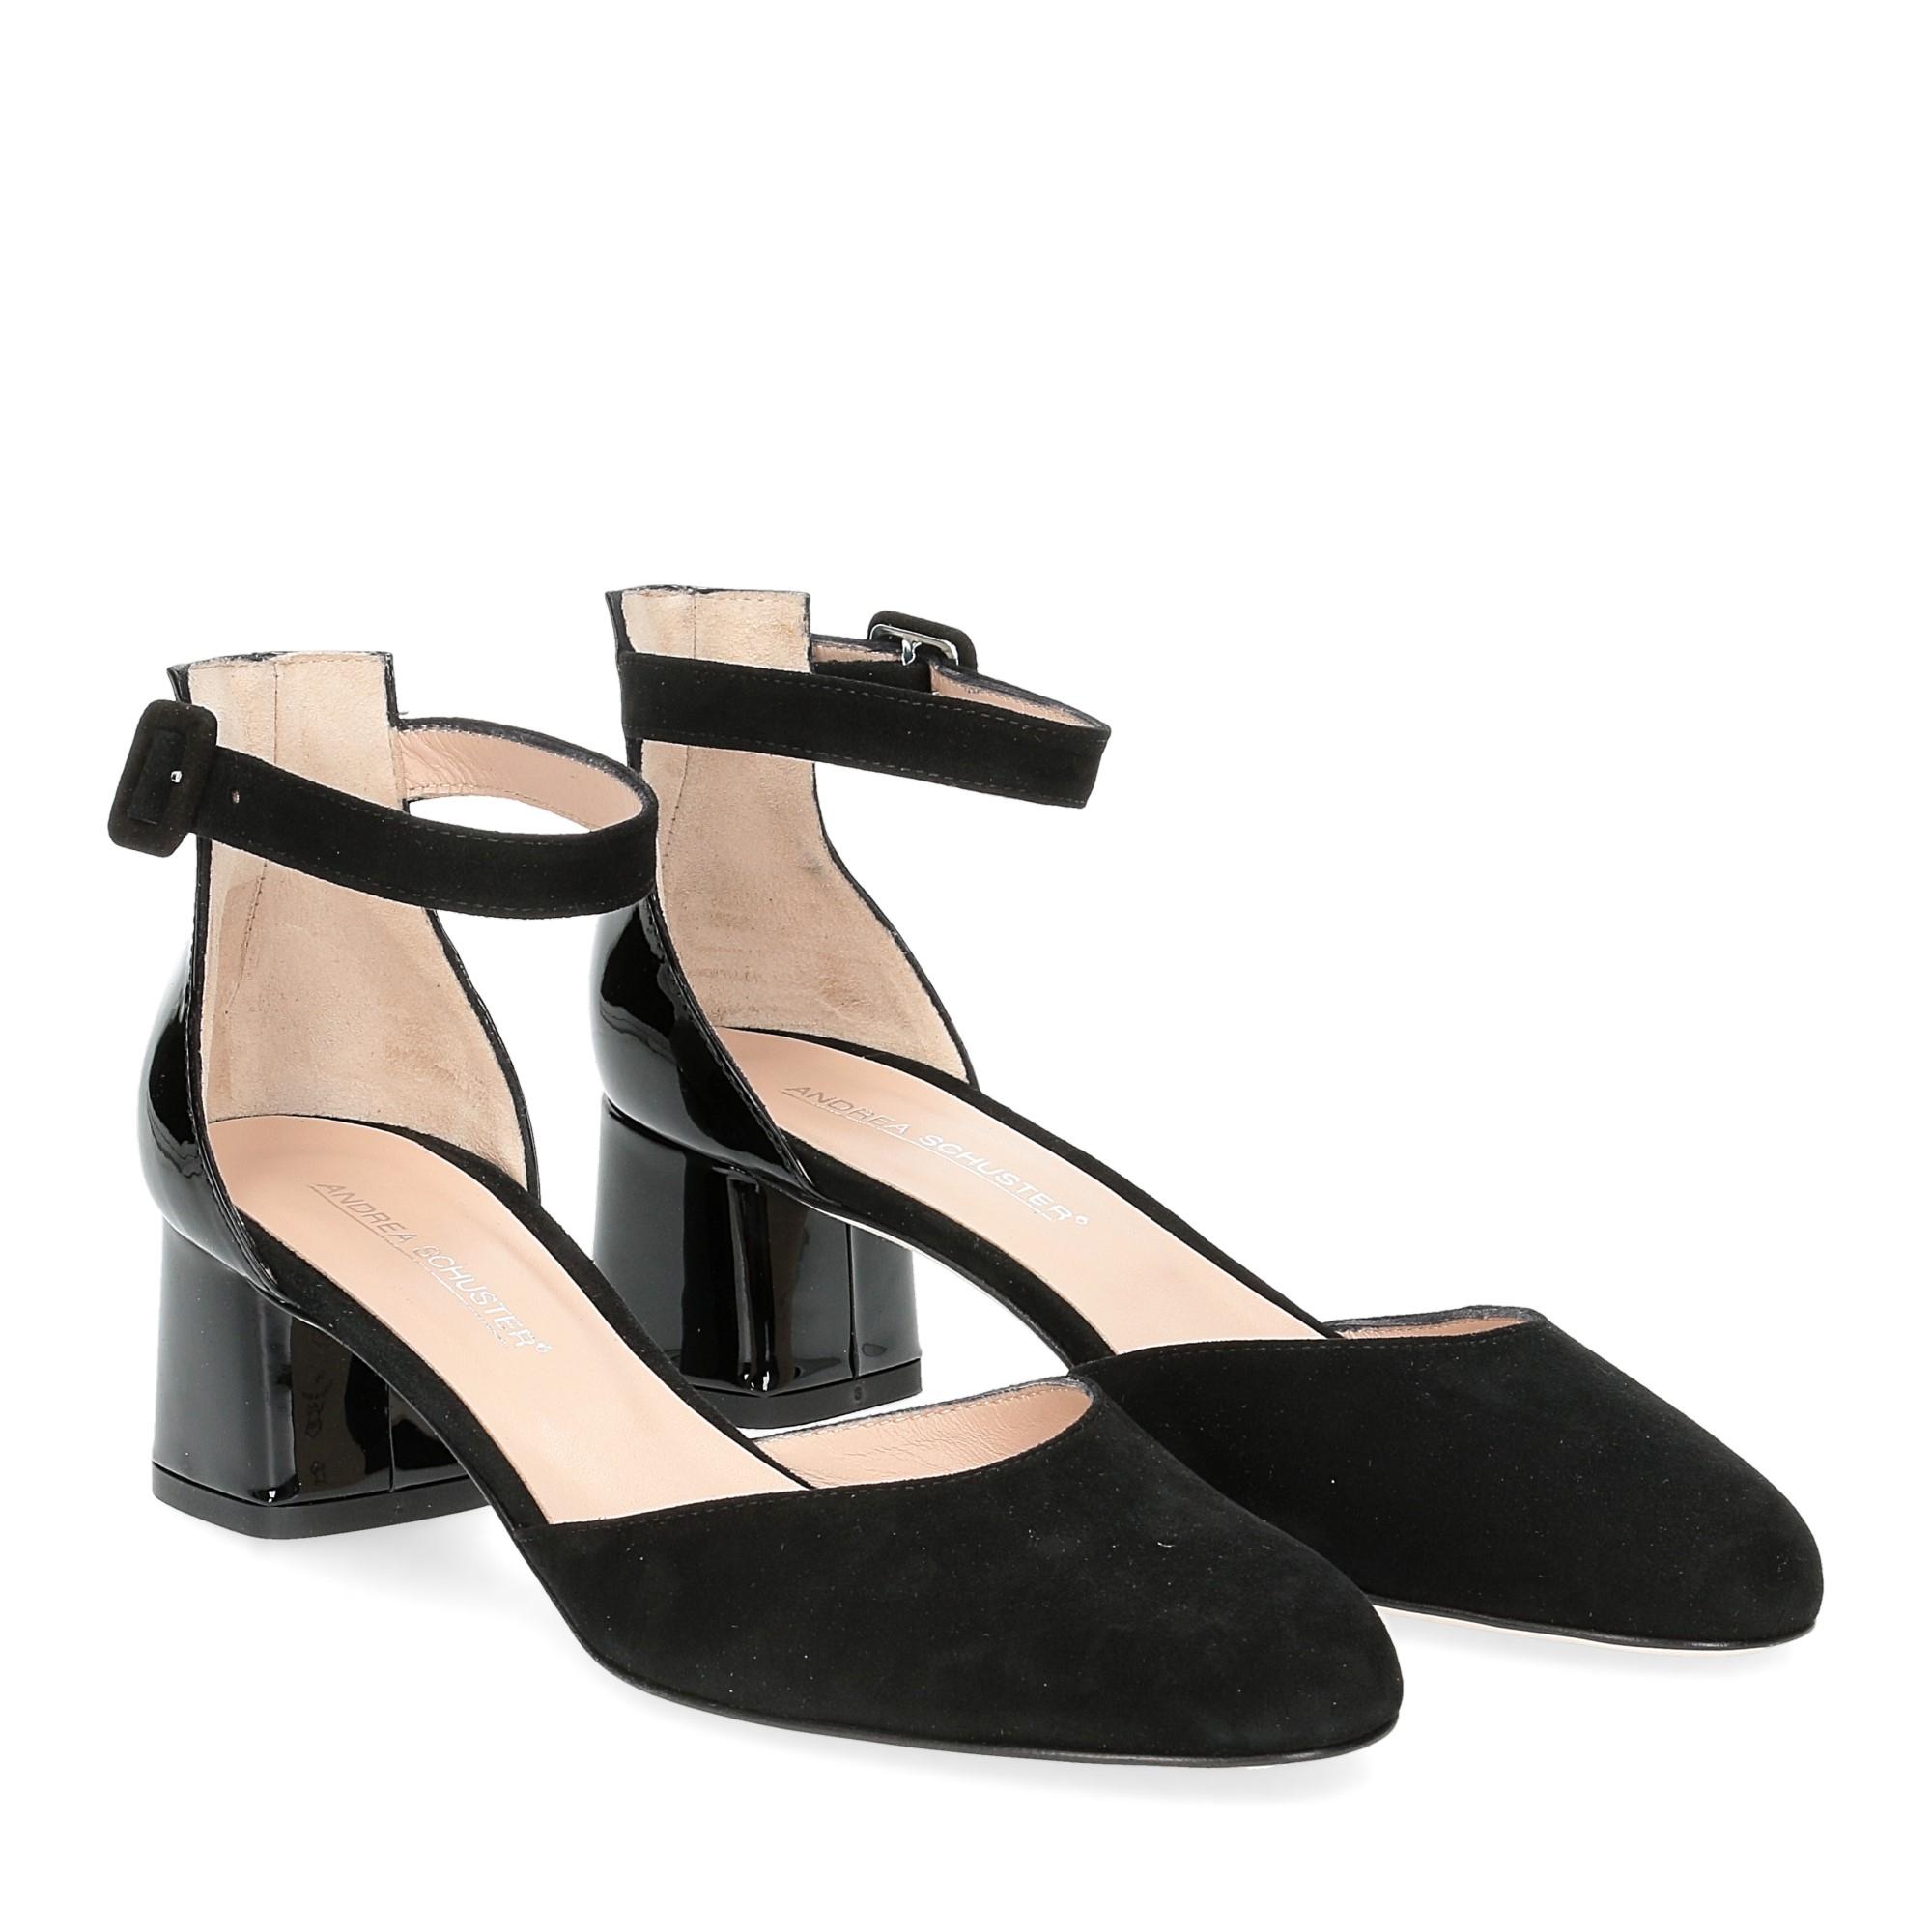 Andrea schuster sandaliera camoscio nero